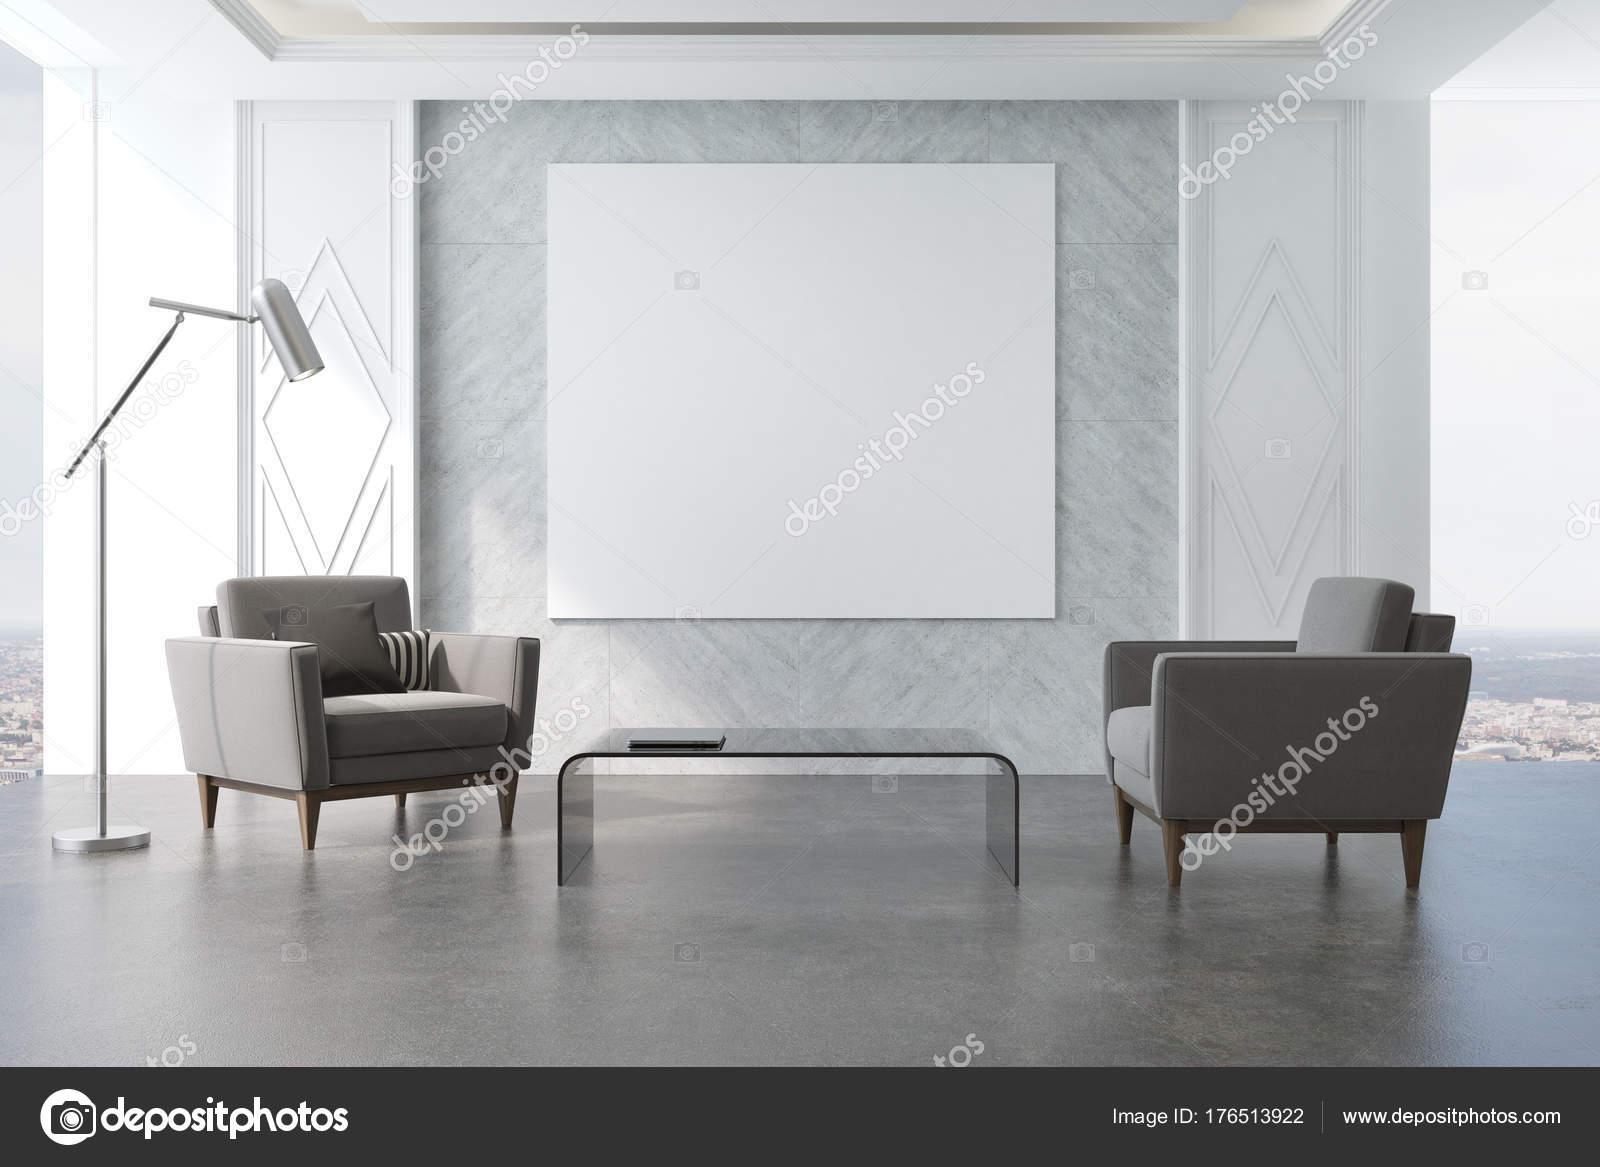 Graue wohnzimmer poster und sessel u2014 stockfoto © denisismagilov